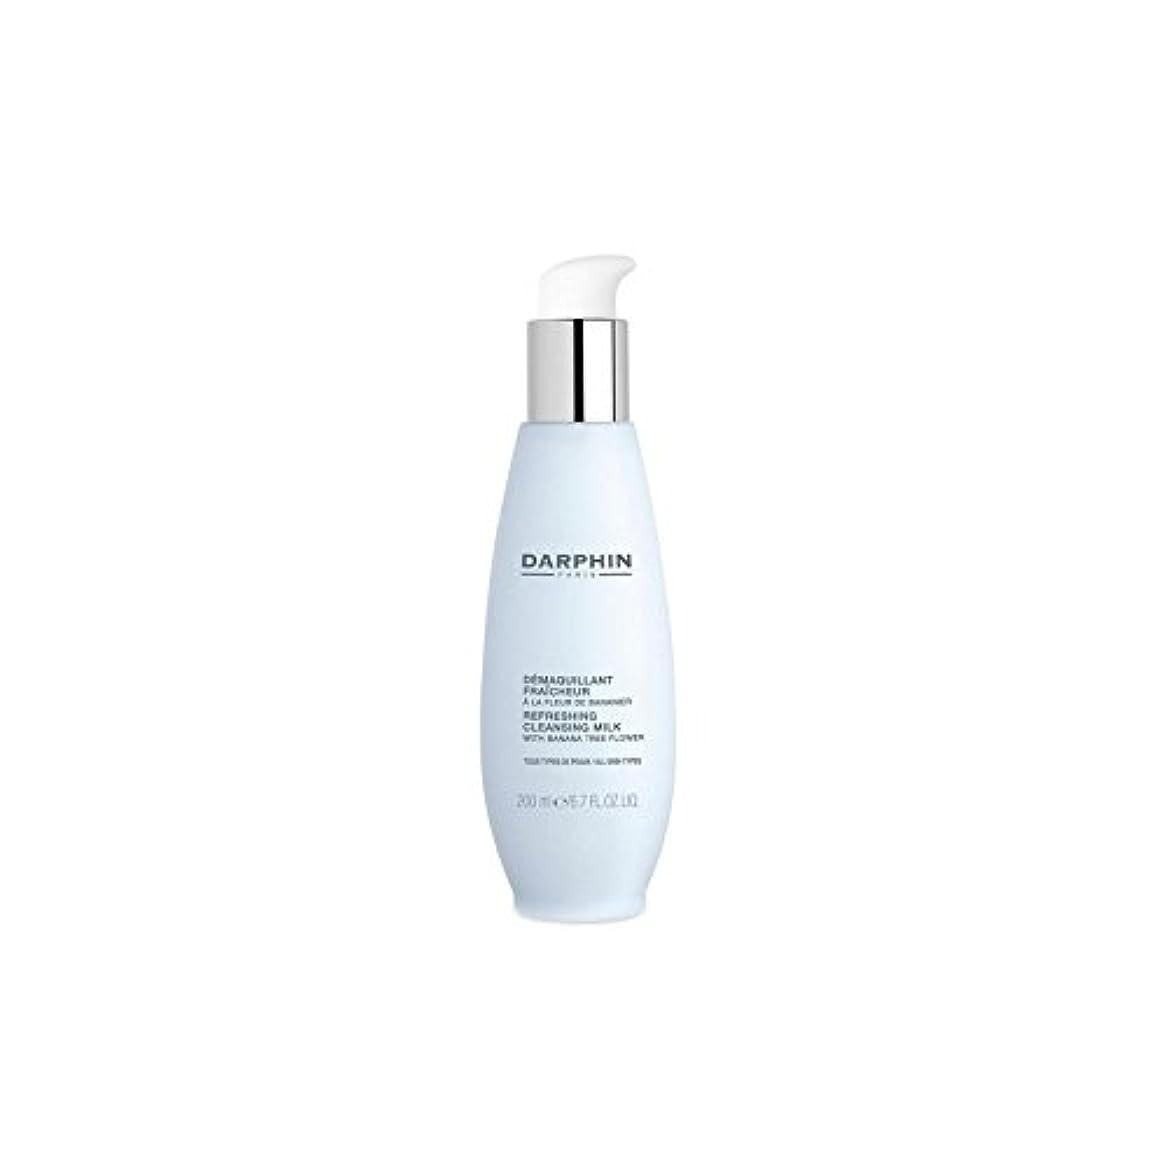 引き渡すアーティファクト推進さわやかなクレンジングミルクをダルファン - 正常な皮膚のために(200ミリリットル) x4 - Darphin Refreshing Cleansing Milk - For Normal Skin (200ml) (...